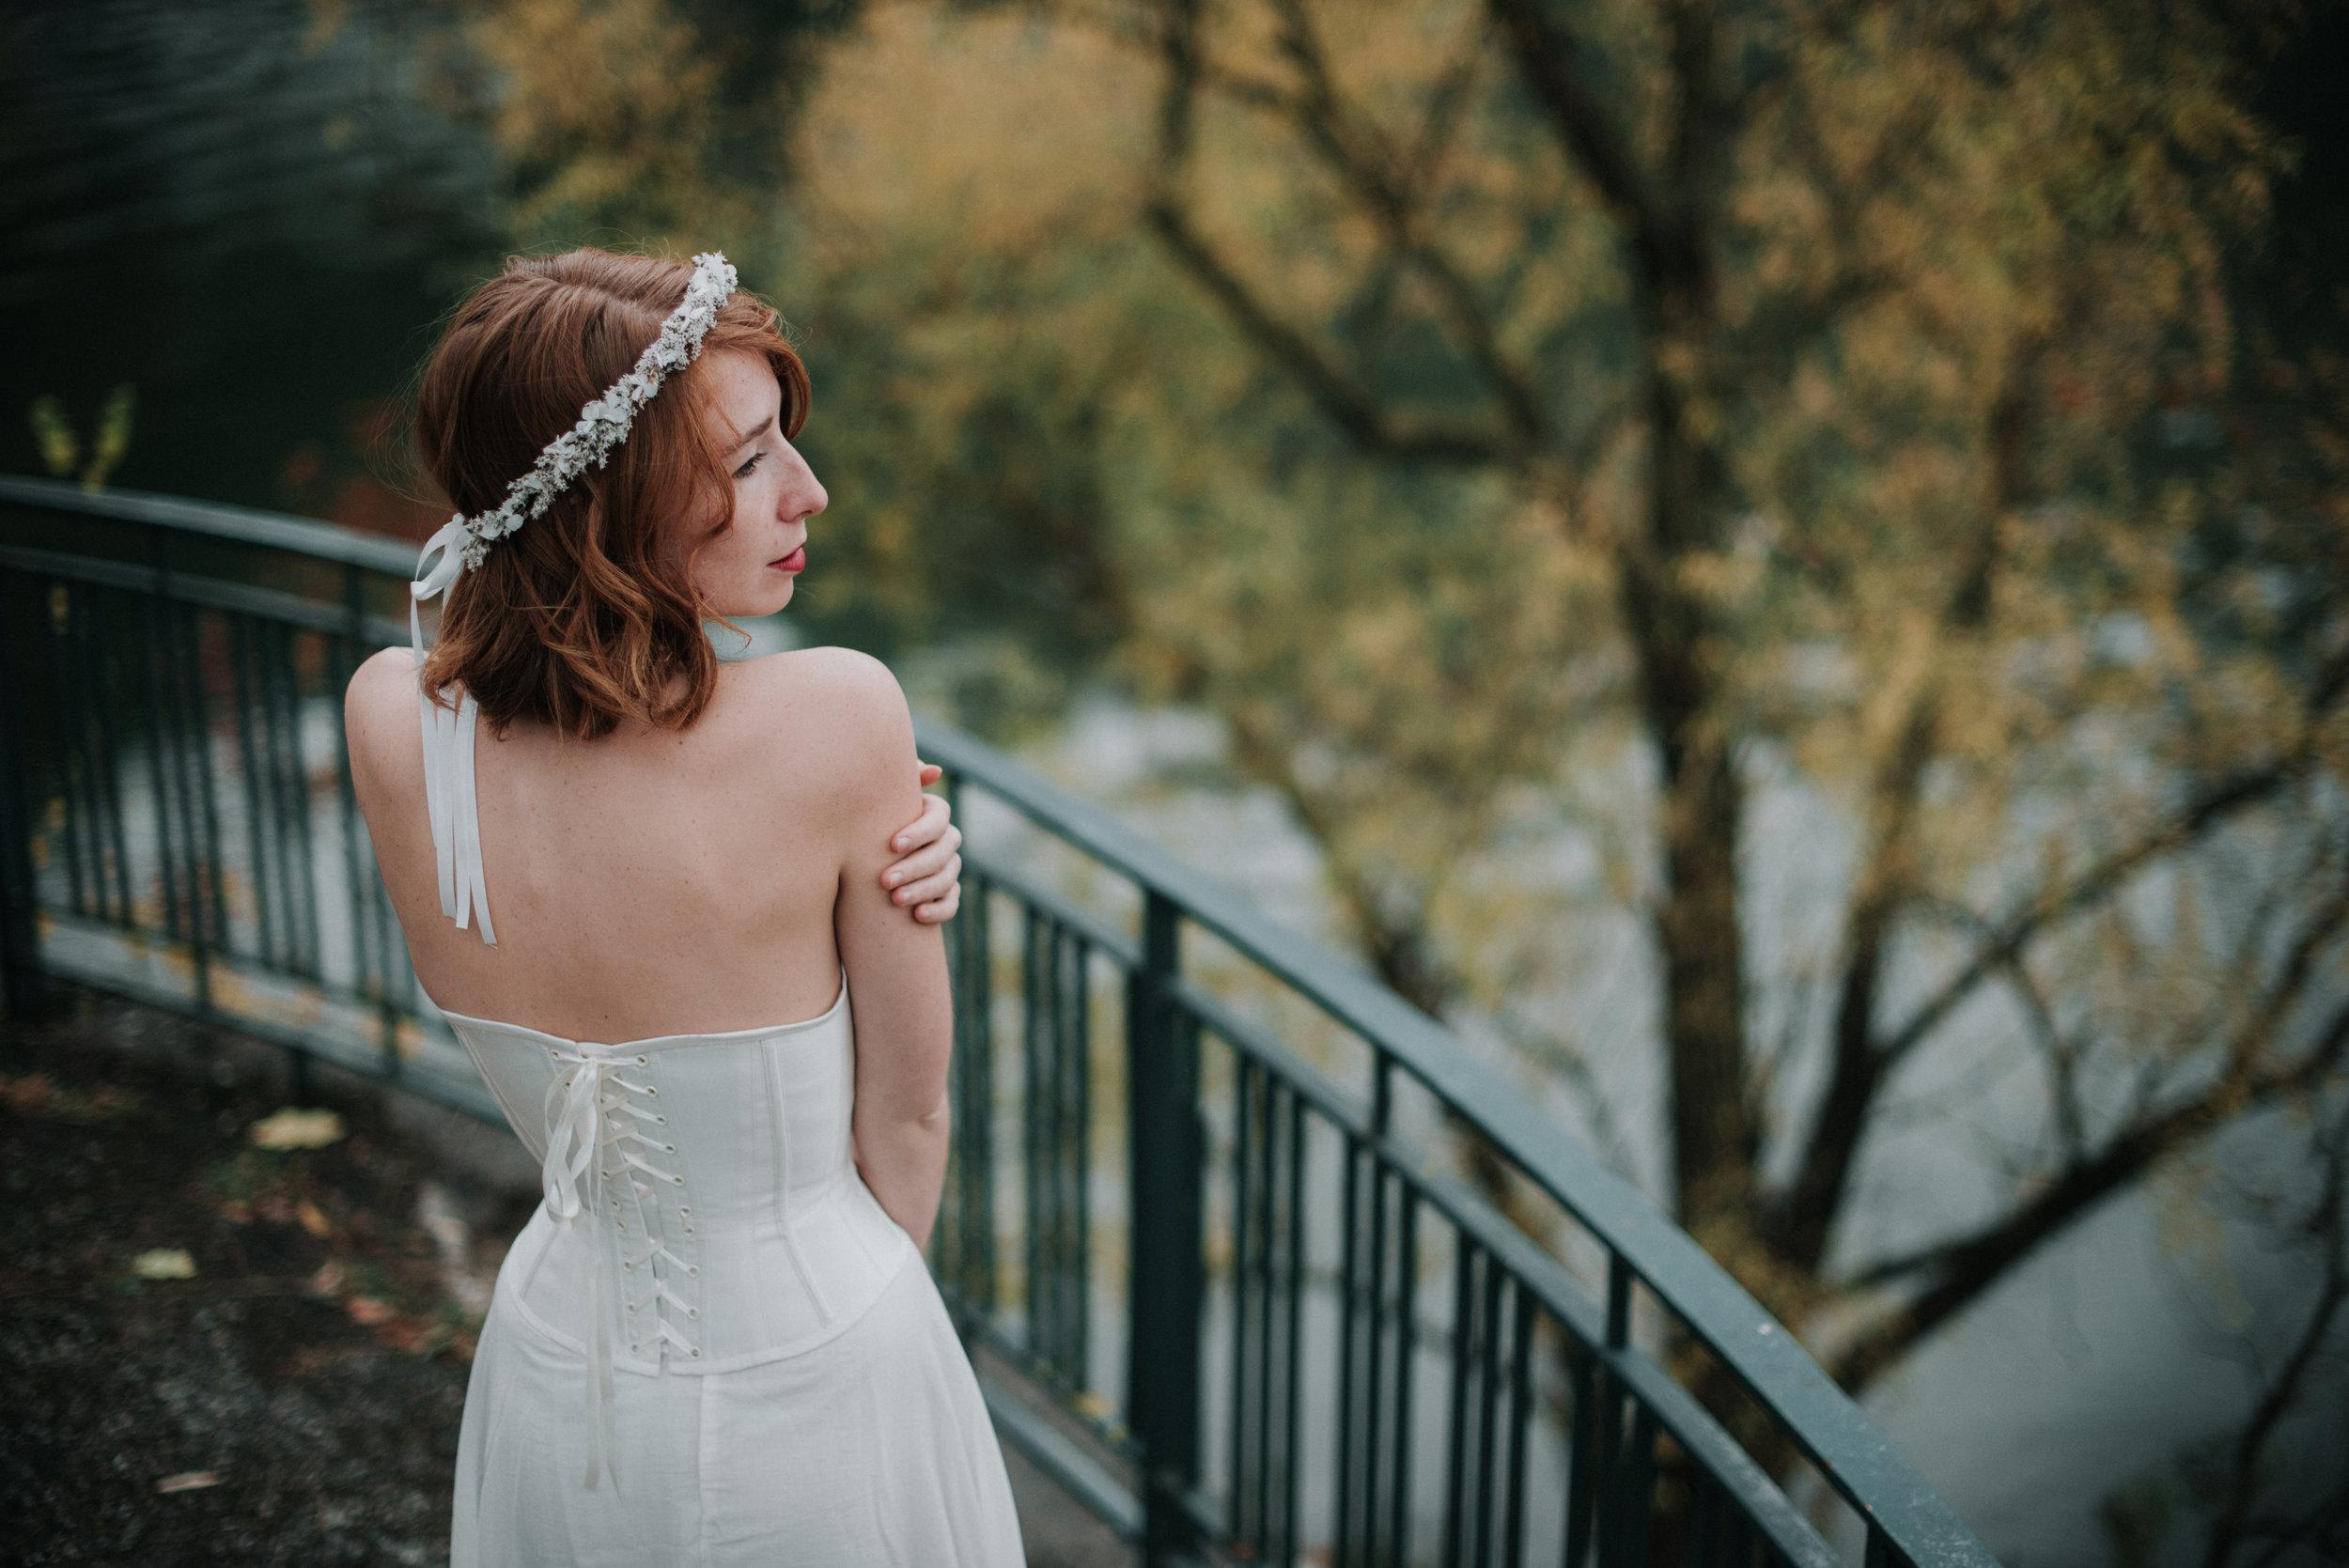 Léa-Fery-photographe-professionnel-lyon-rhone-alpes-portrait-creation-mariage-evenement-evenementiel-famille-6005-2.jpg